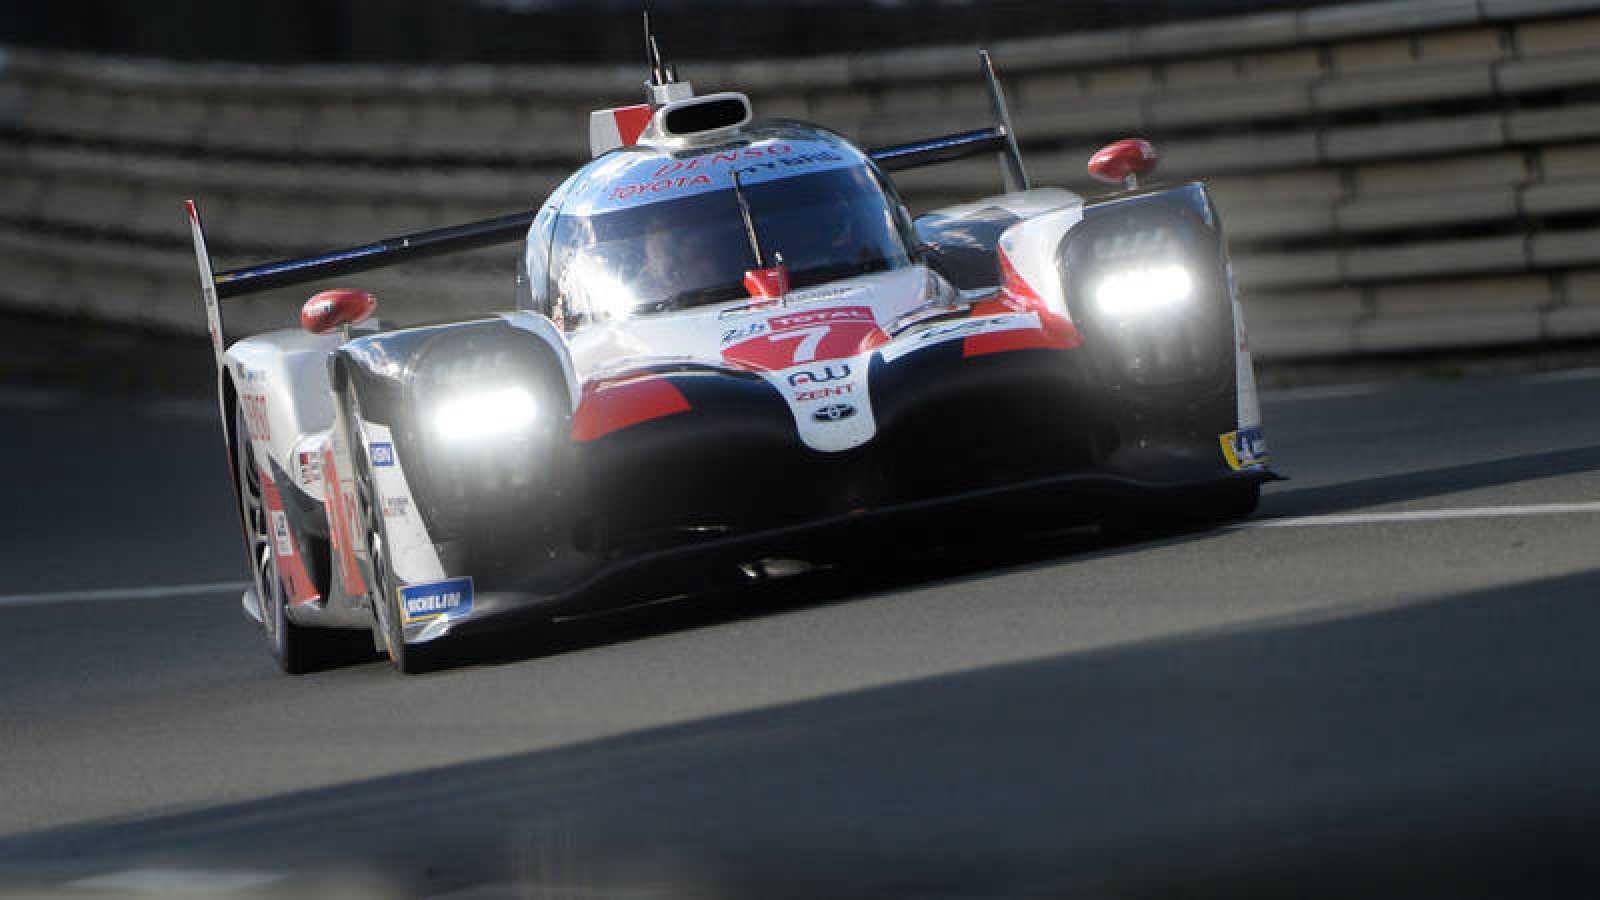 El japonés Kamui Kobayashi, al mando del Toyota, durante la sesión de calificación.